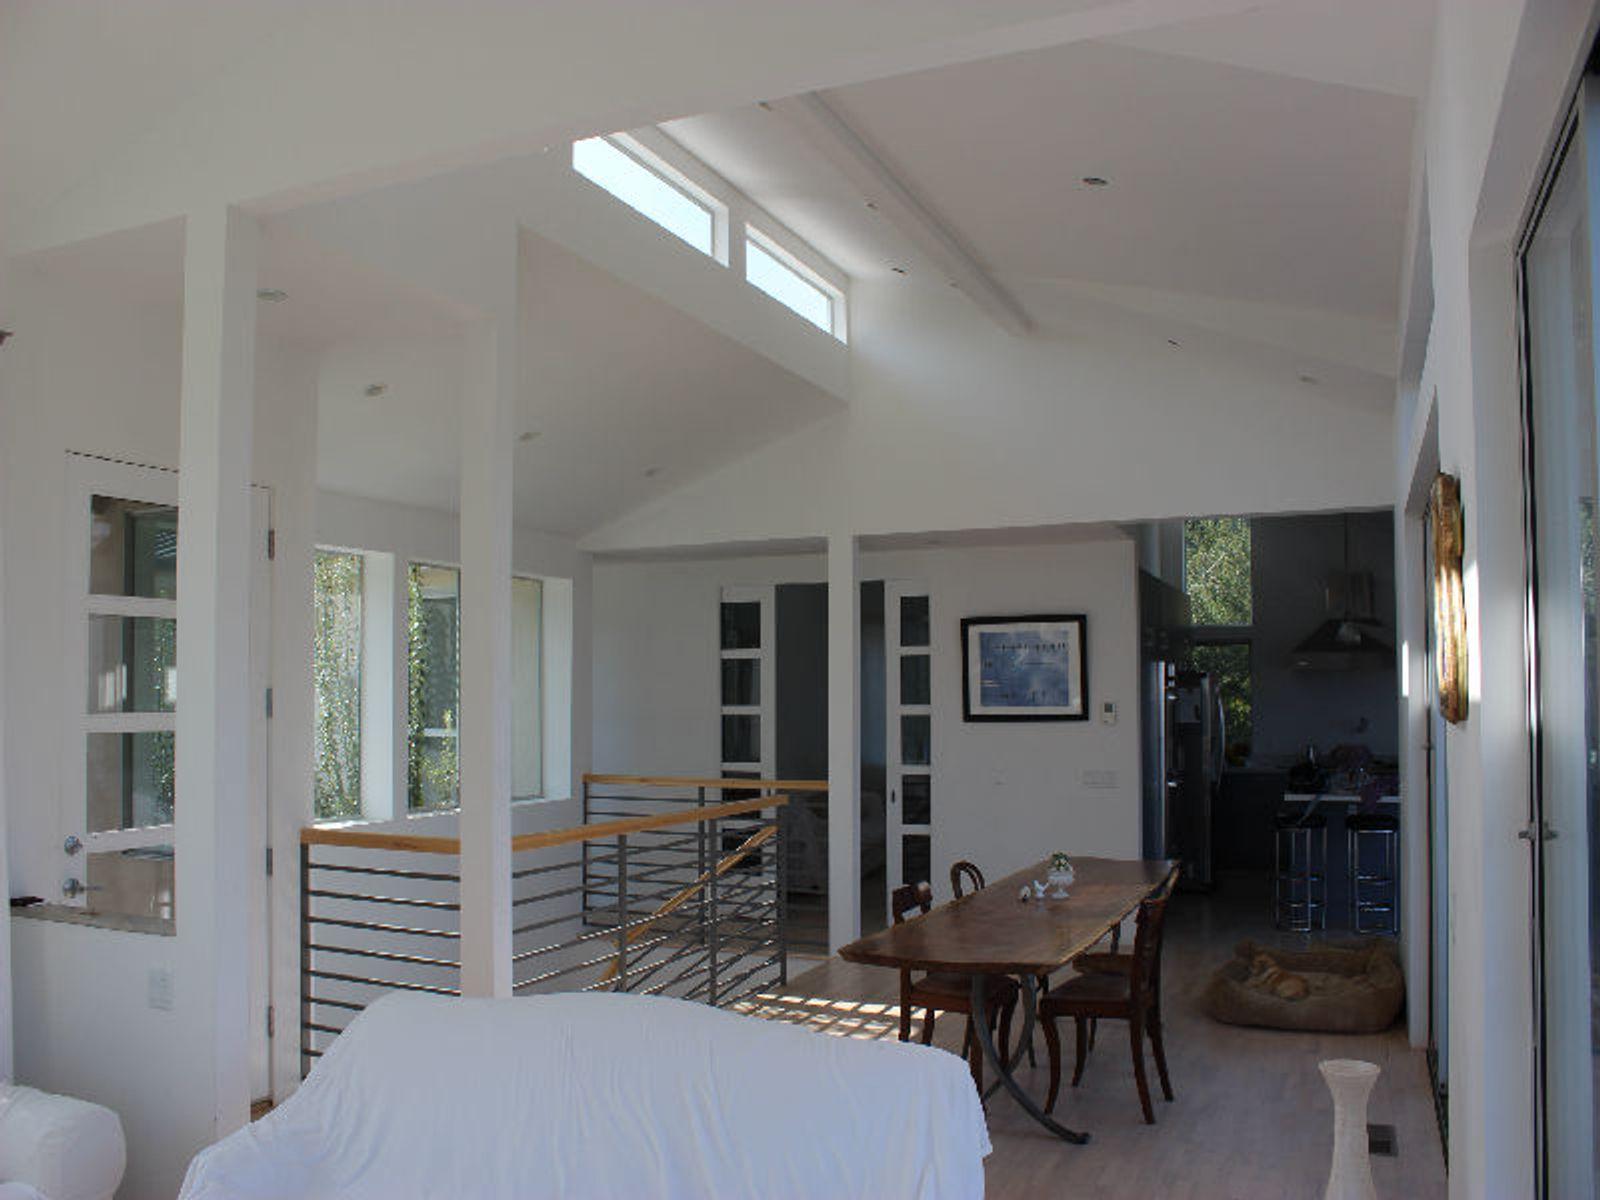 2010 Malibu Architectural